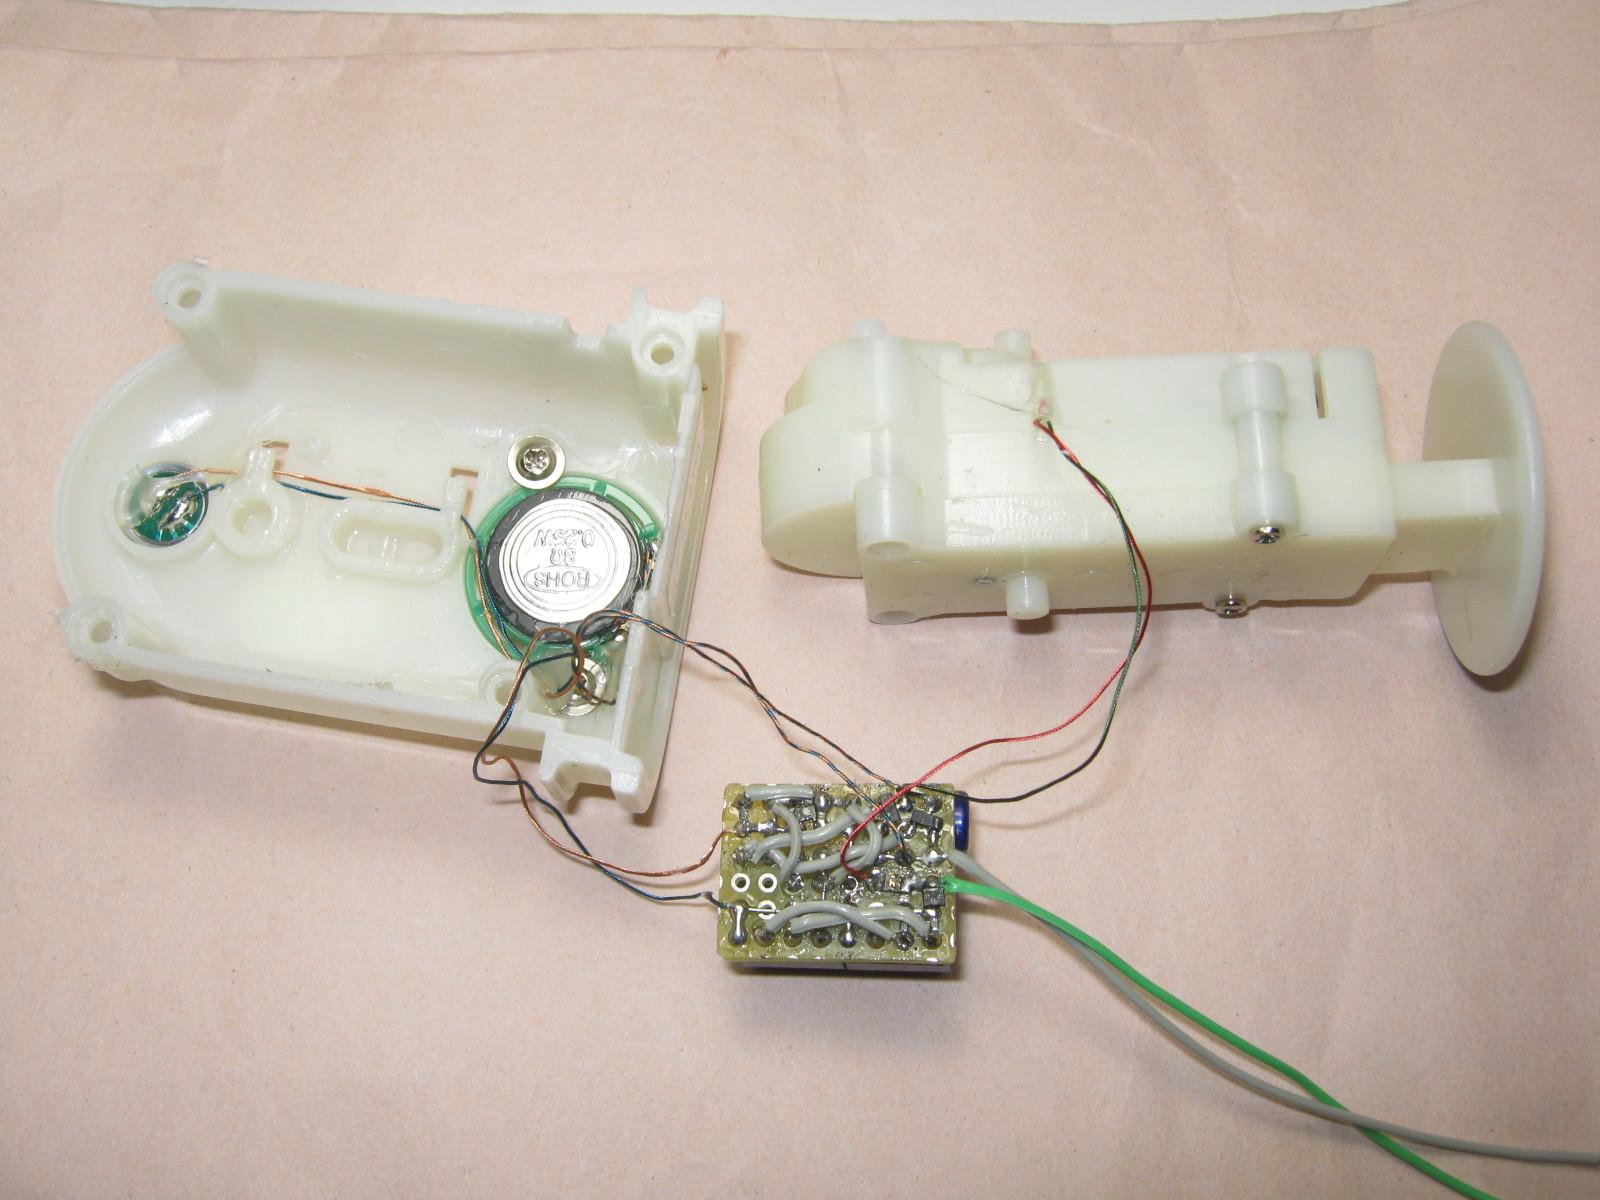 ミミクリーペット3(ボイスレコーダー・チェンジャー換装)基板製作2